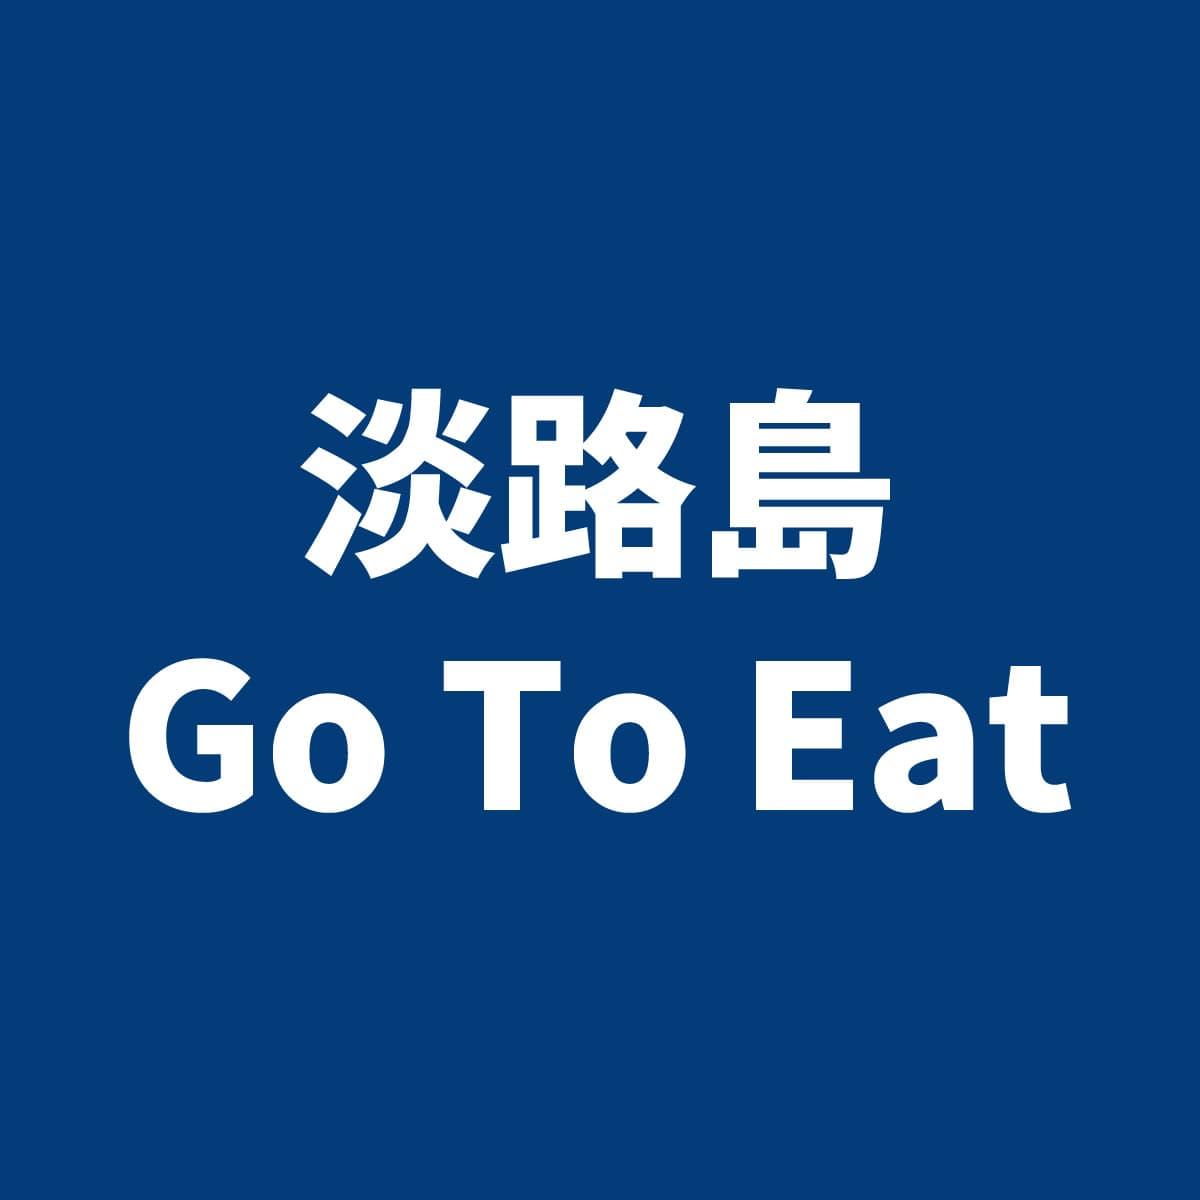 淡路島 Go To Eat(イート)キャンペーン